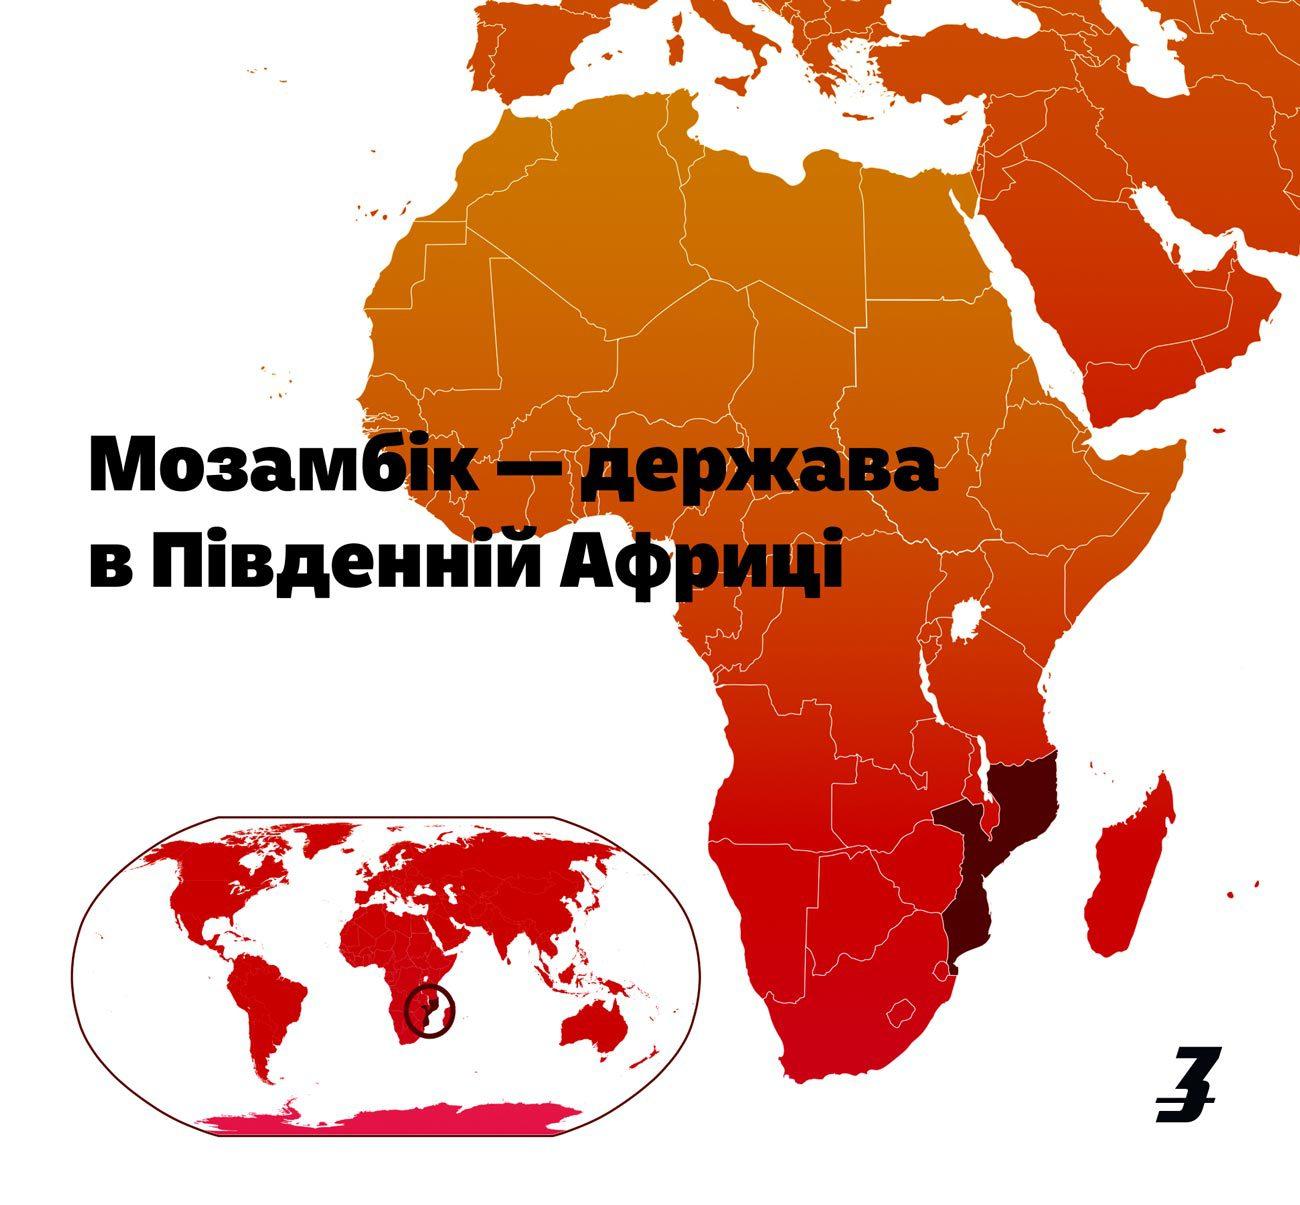 mosambik map 01 ua - <b>У Мозамбіку ісламісти масово обезголовлюють людей.</b> Пояснюємо, що там відбувається - Заборона